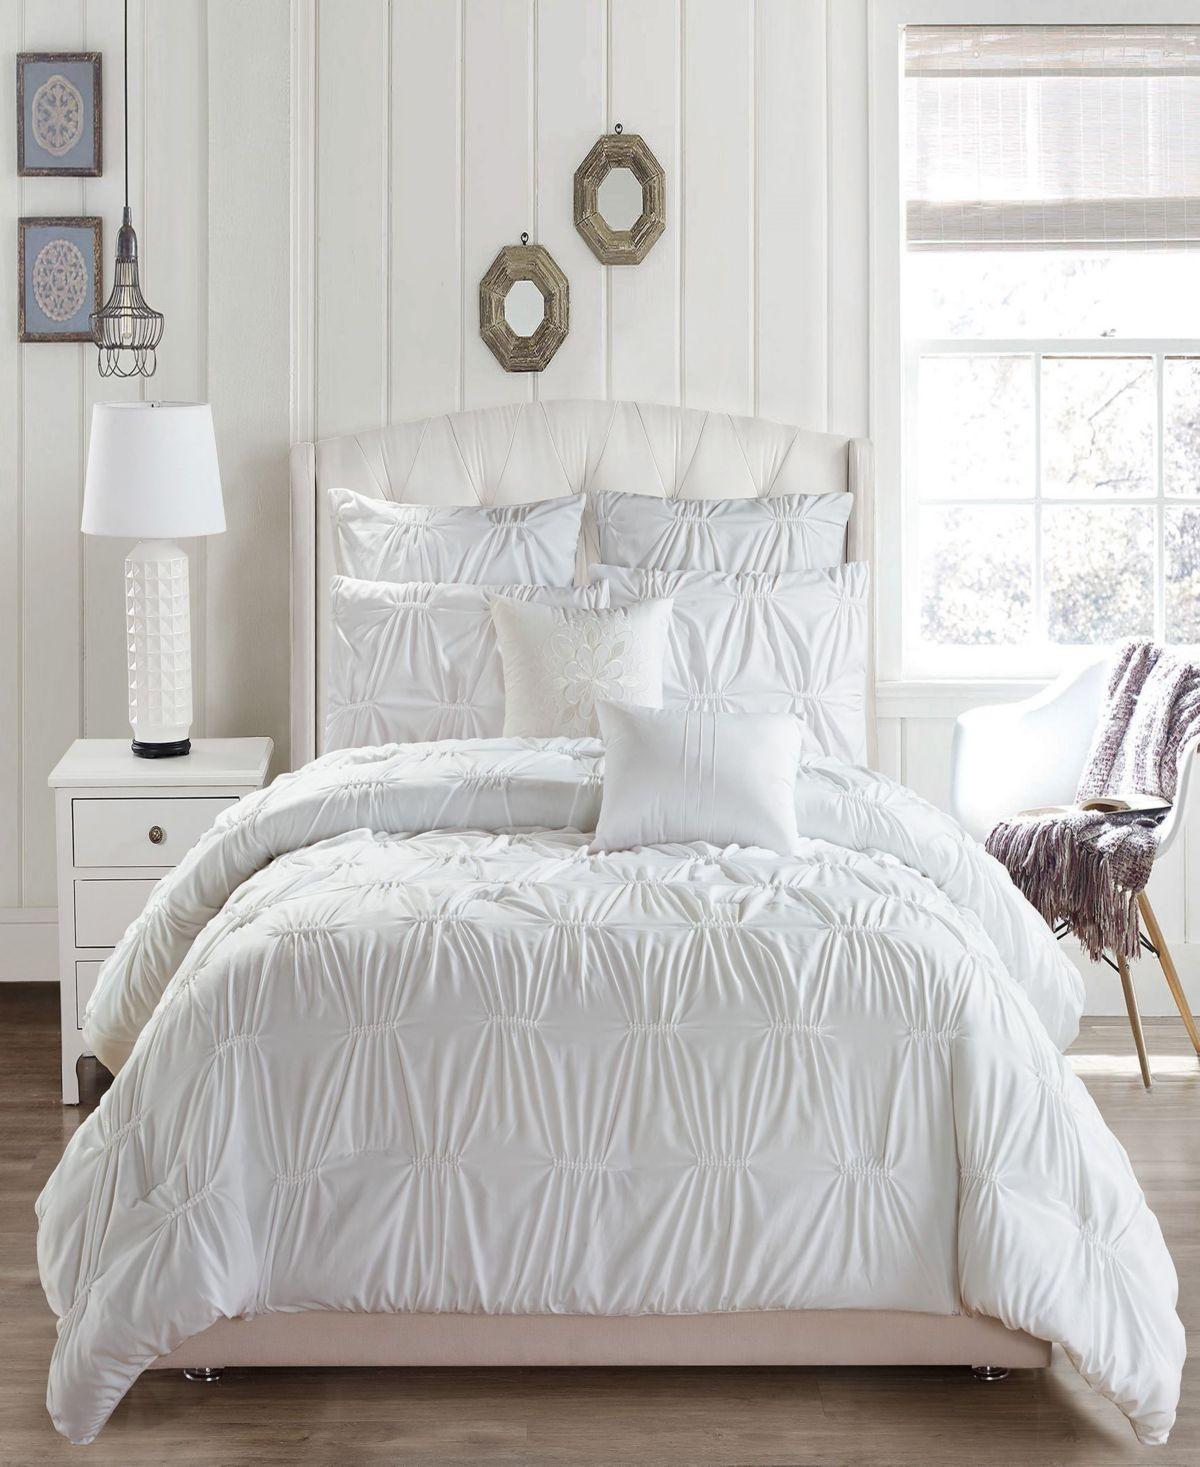 Duck River Textile Akita 8 Piece Queen Comforter Set Reviews